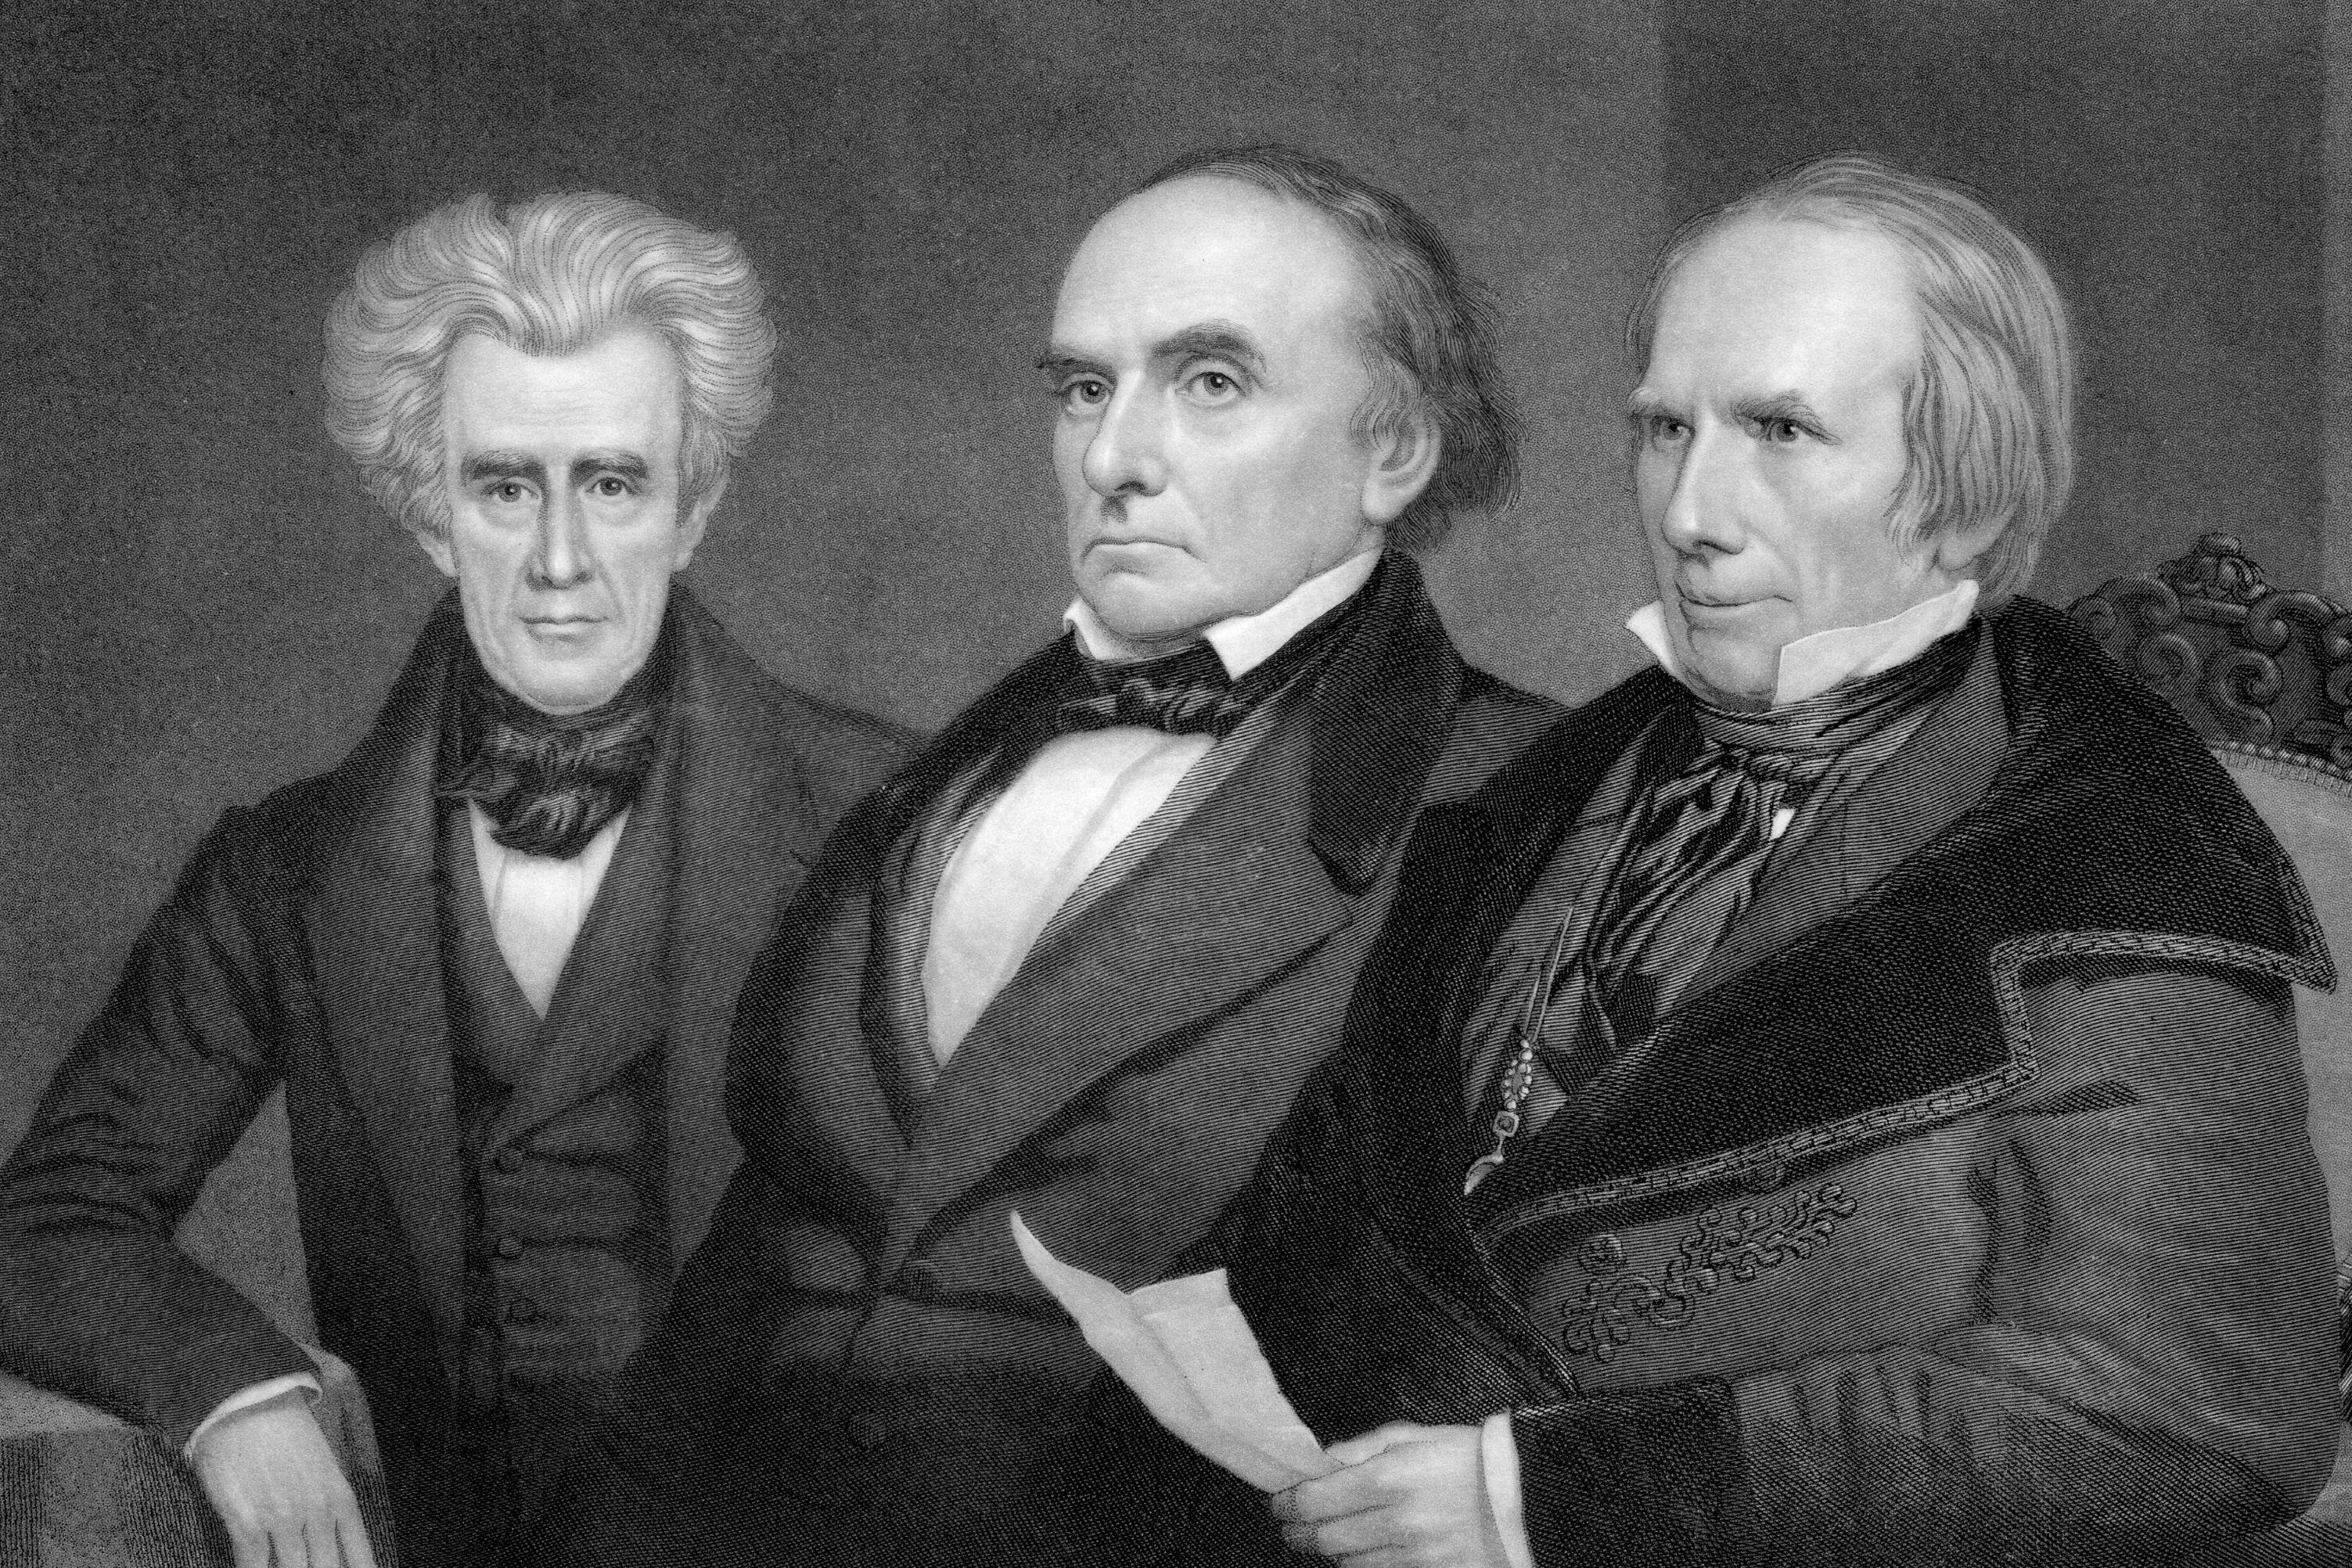 The great triumvirate of the U.S. Senate